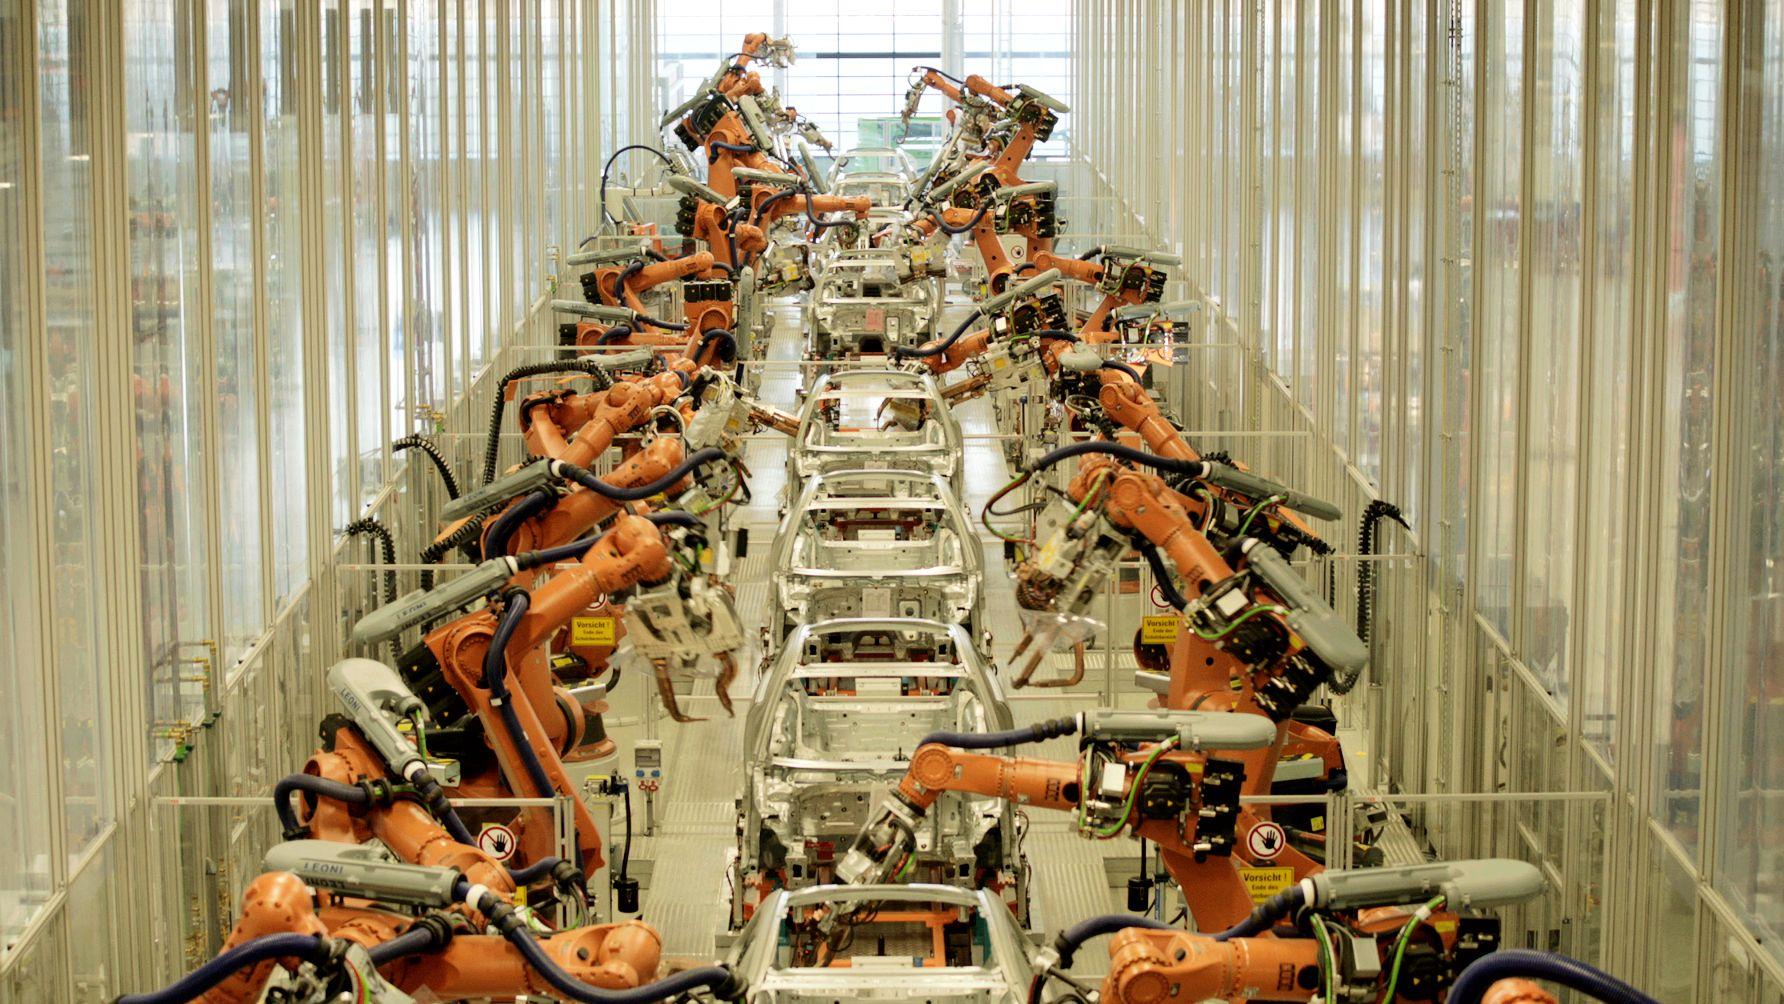 Fertigungsstraße in der Automobilindustrie